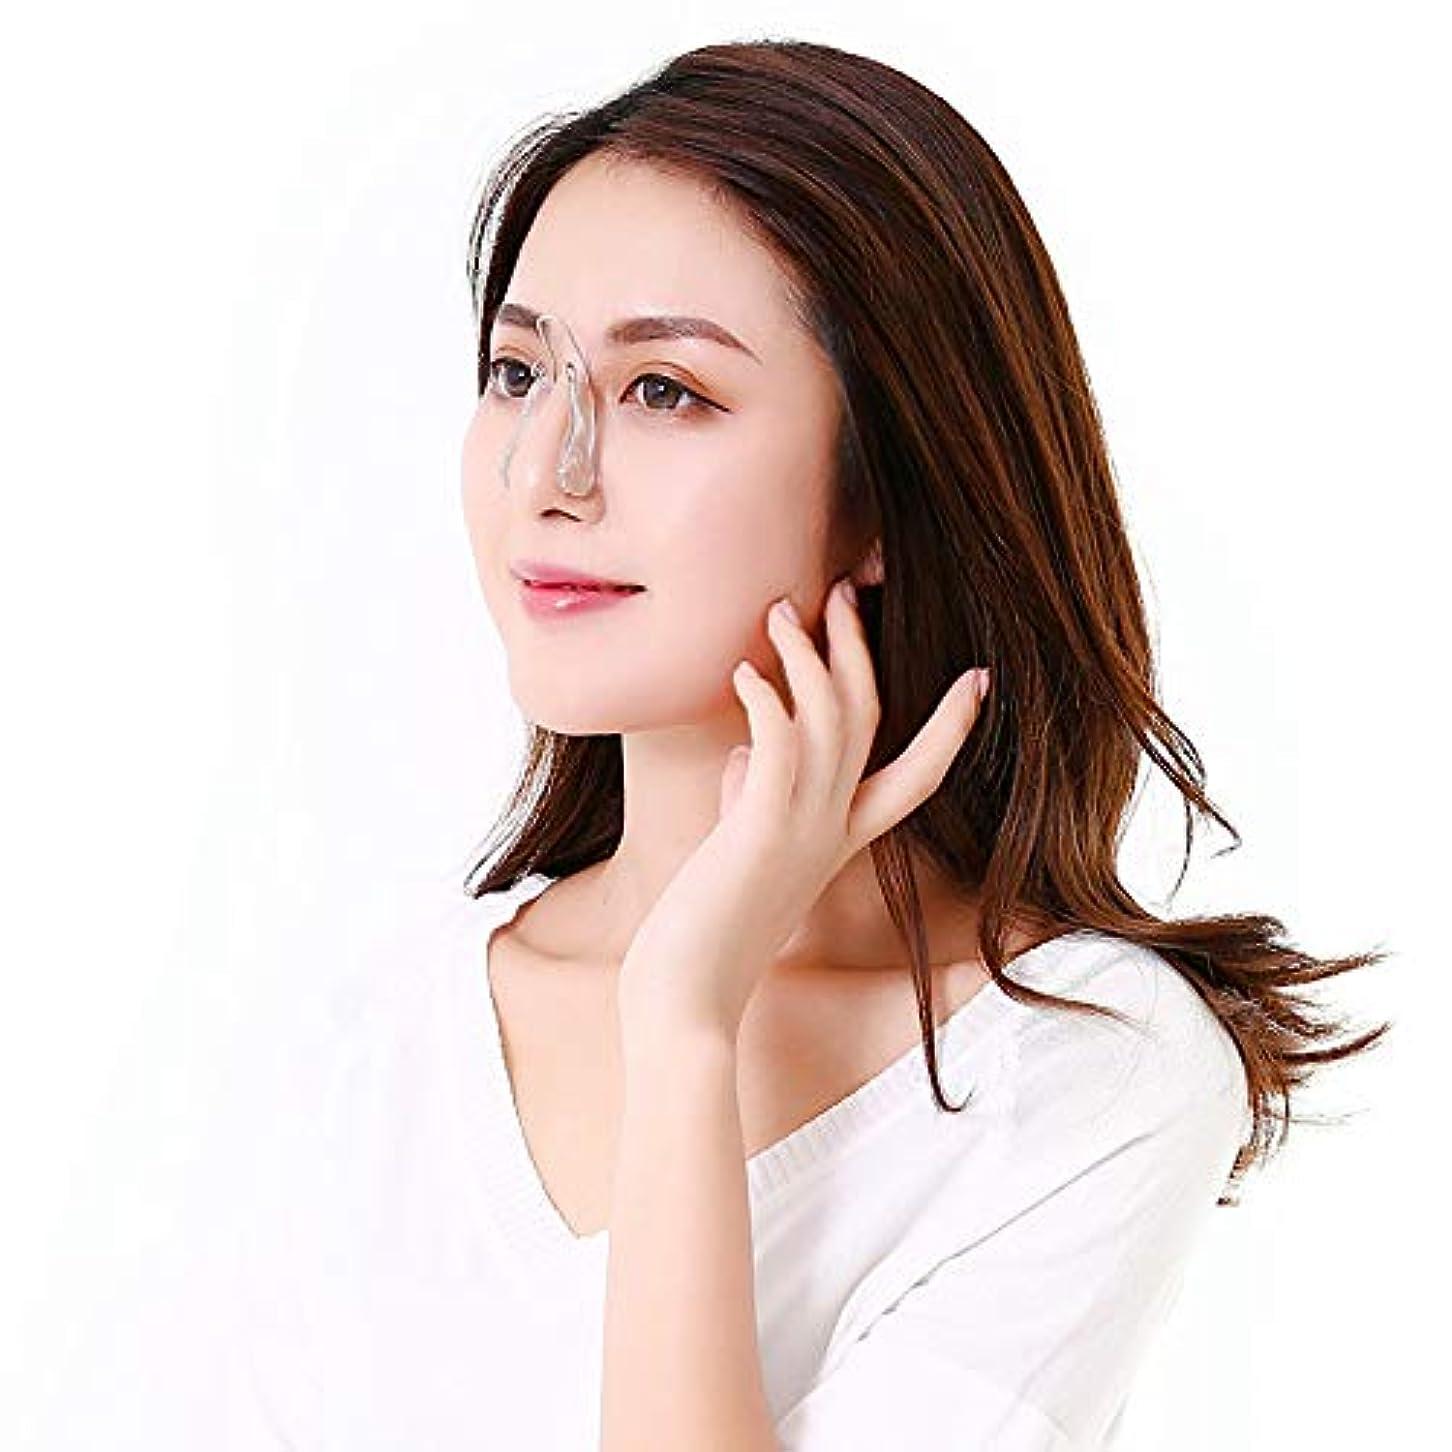 古い成熟認証ノーズクリップ 鼻高く 美鼻 プチ 矯正 整形 鼻筋 団子鼻 ブタ鼻 小鼻 補正 器具 ツンと鼻がアップ もっと 高くする 簡単 手軽